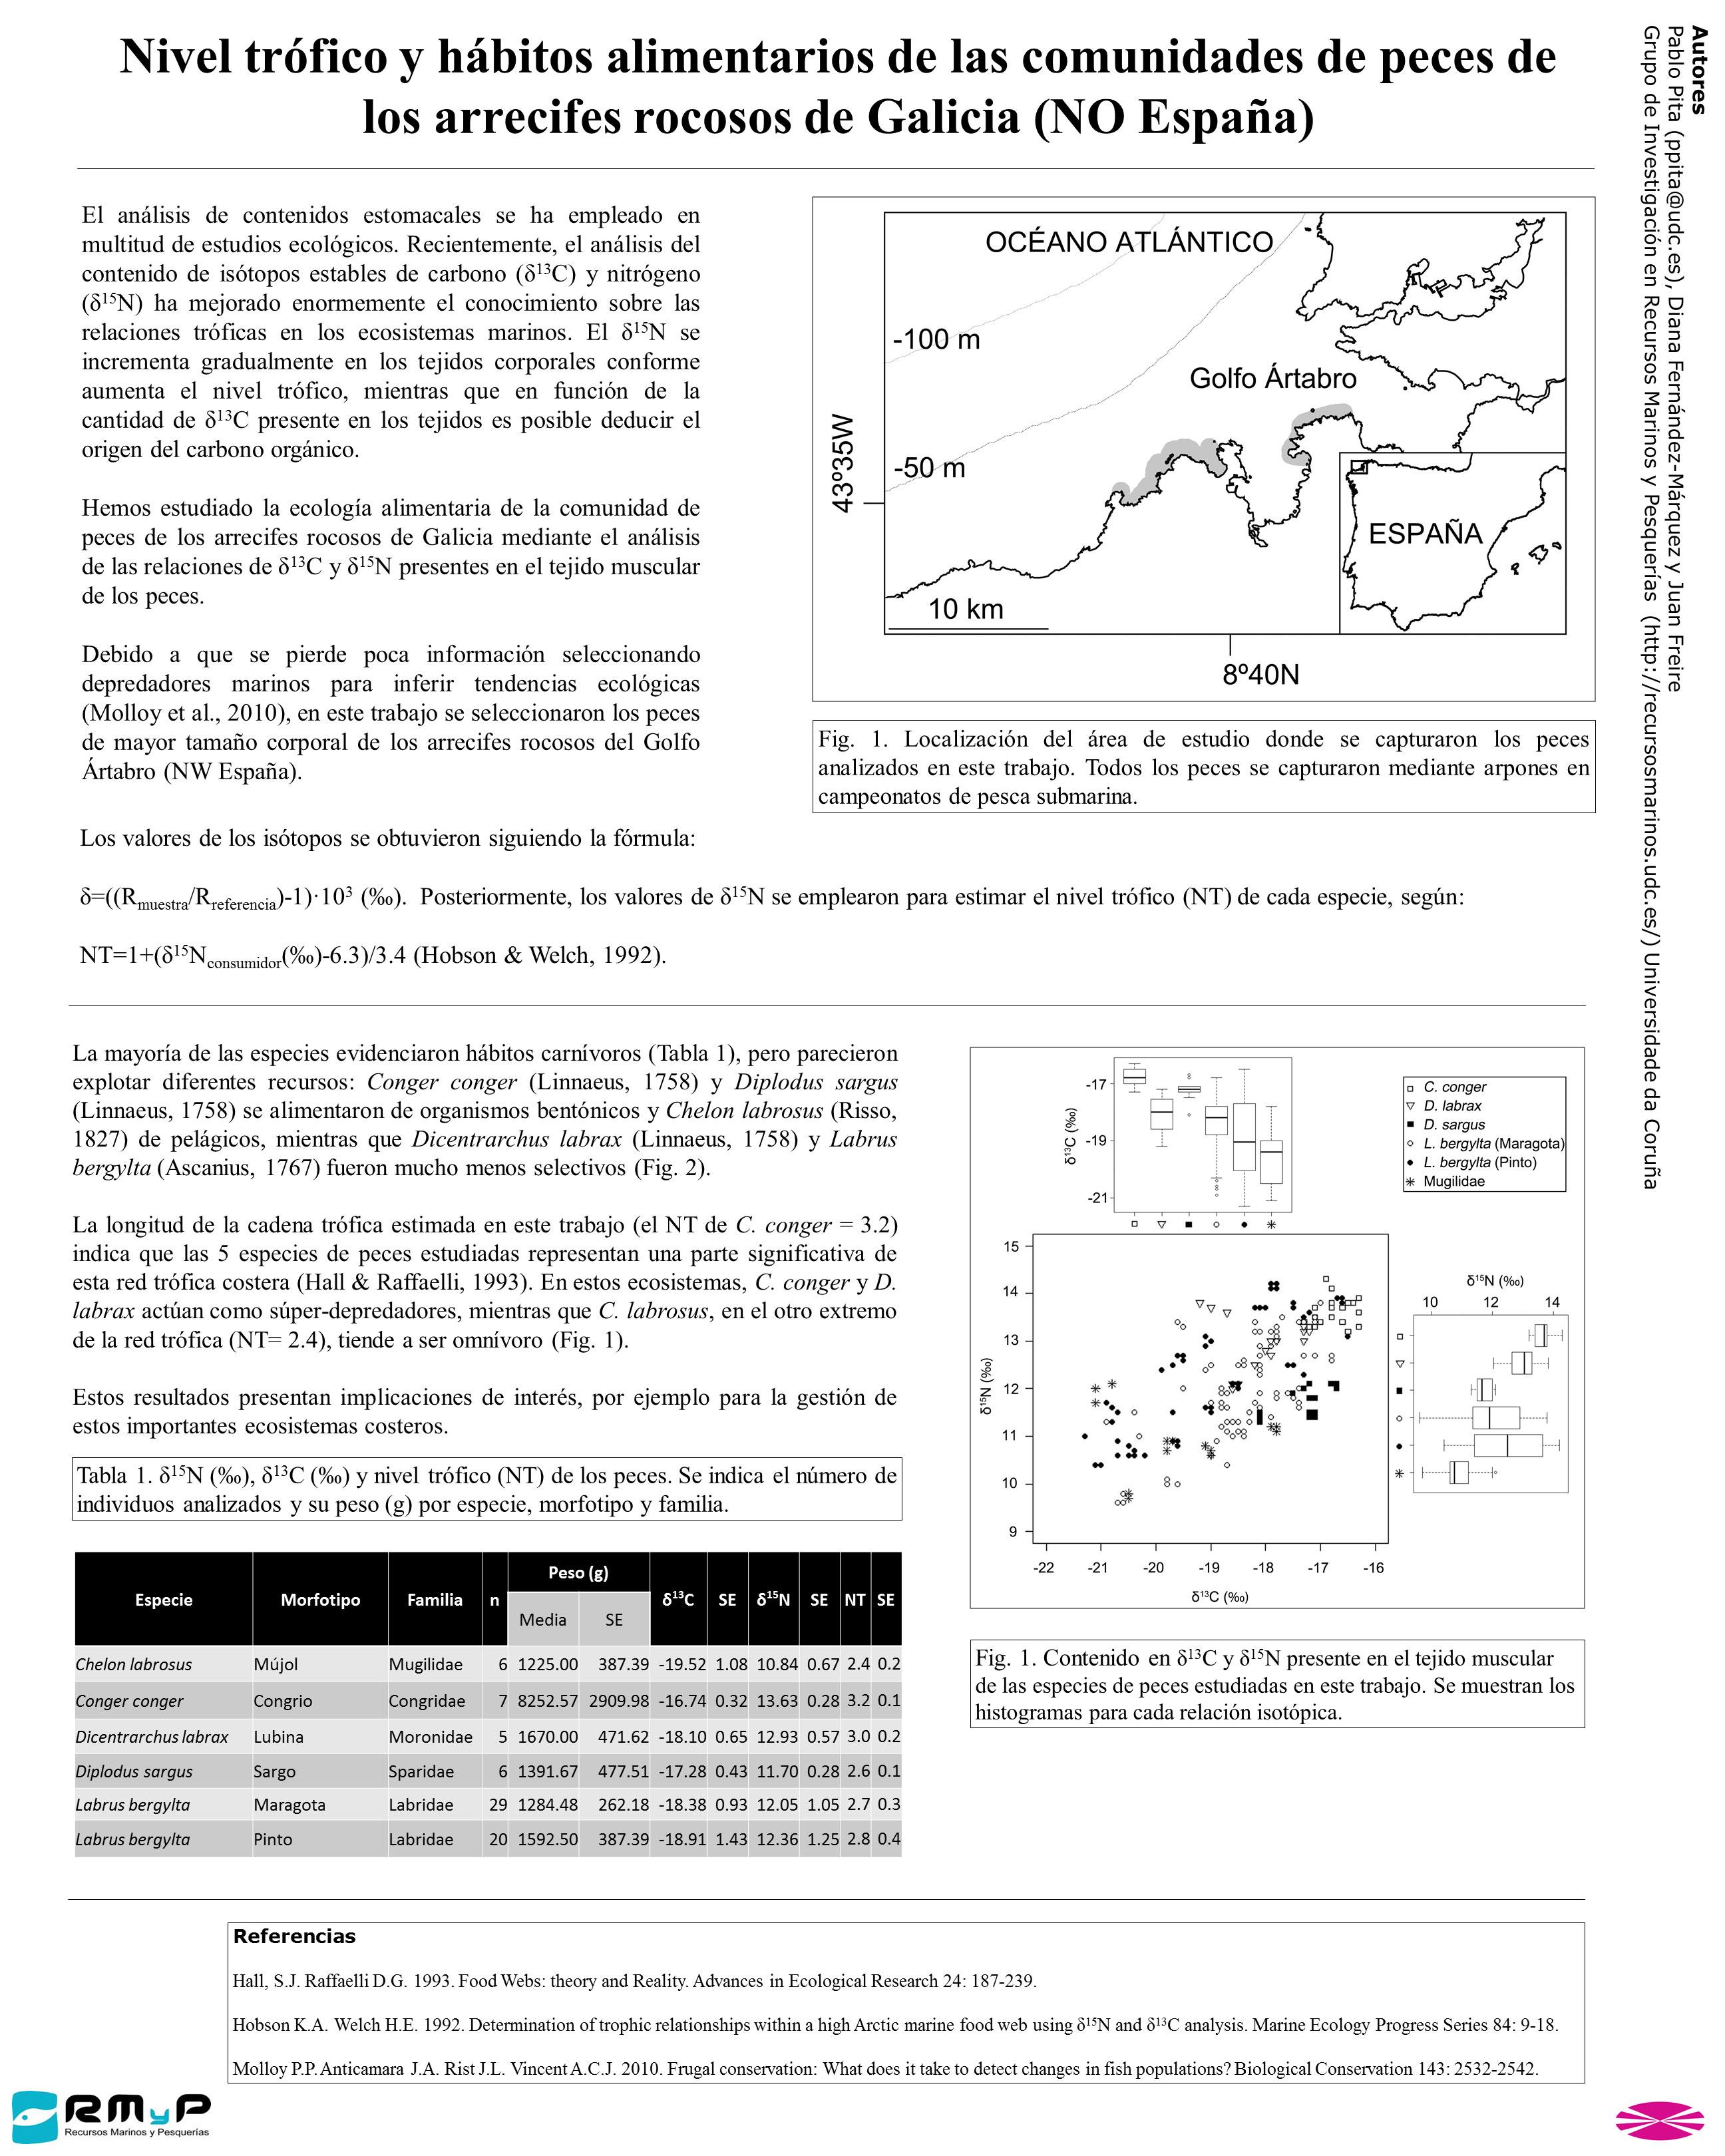 Nivel trófico y hábitos alimentarios de las comunidades de peces de los arrecifes rocosos de Galicia (NO España)